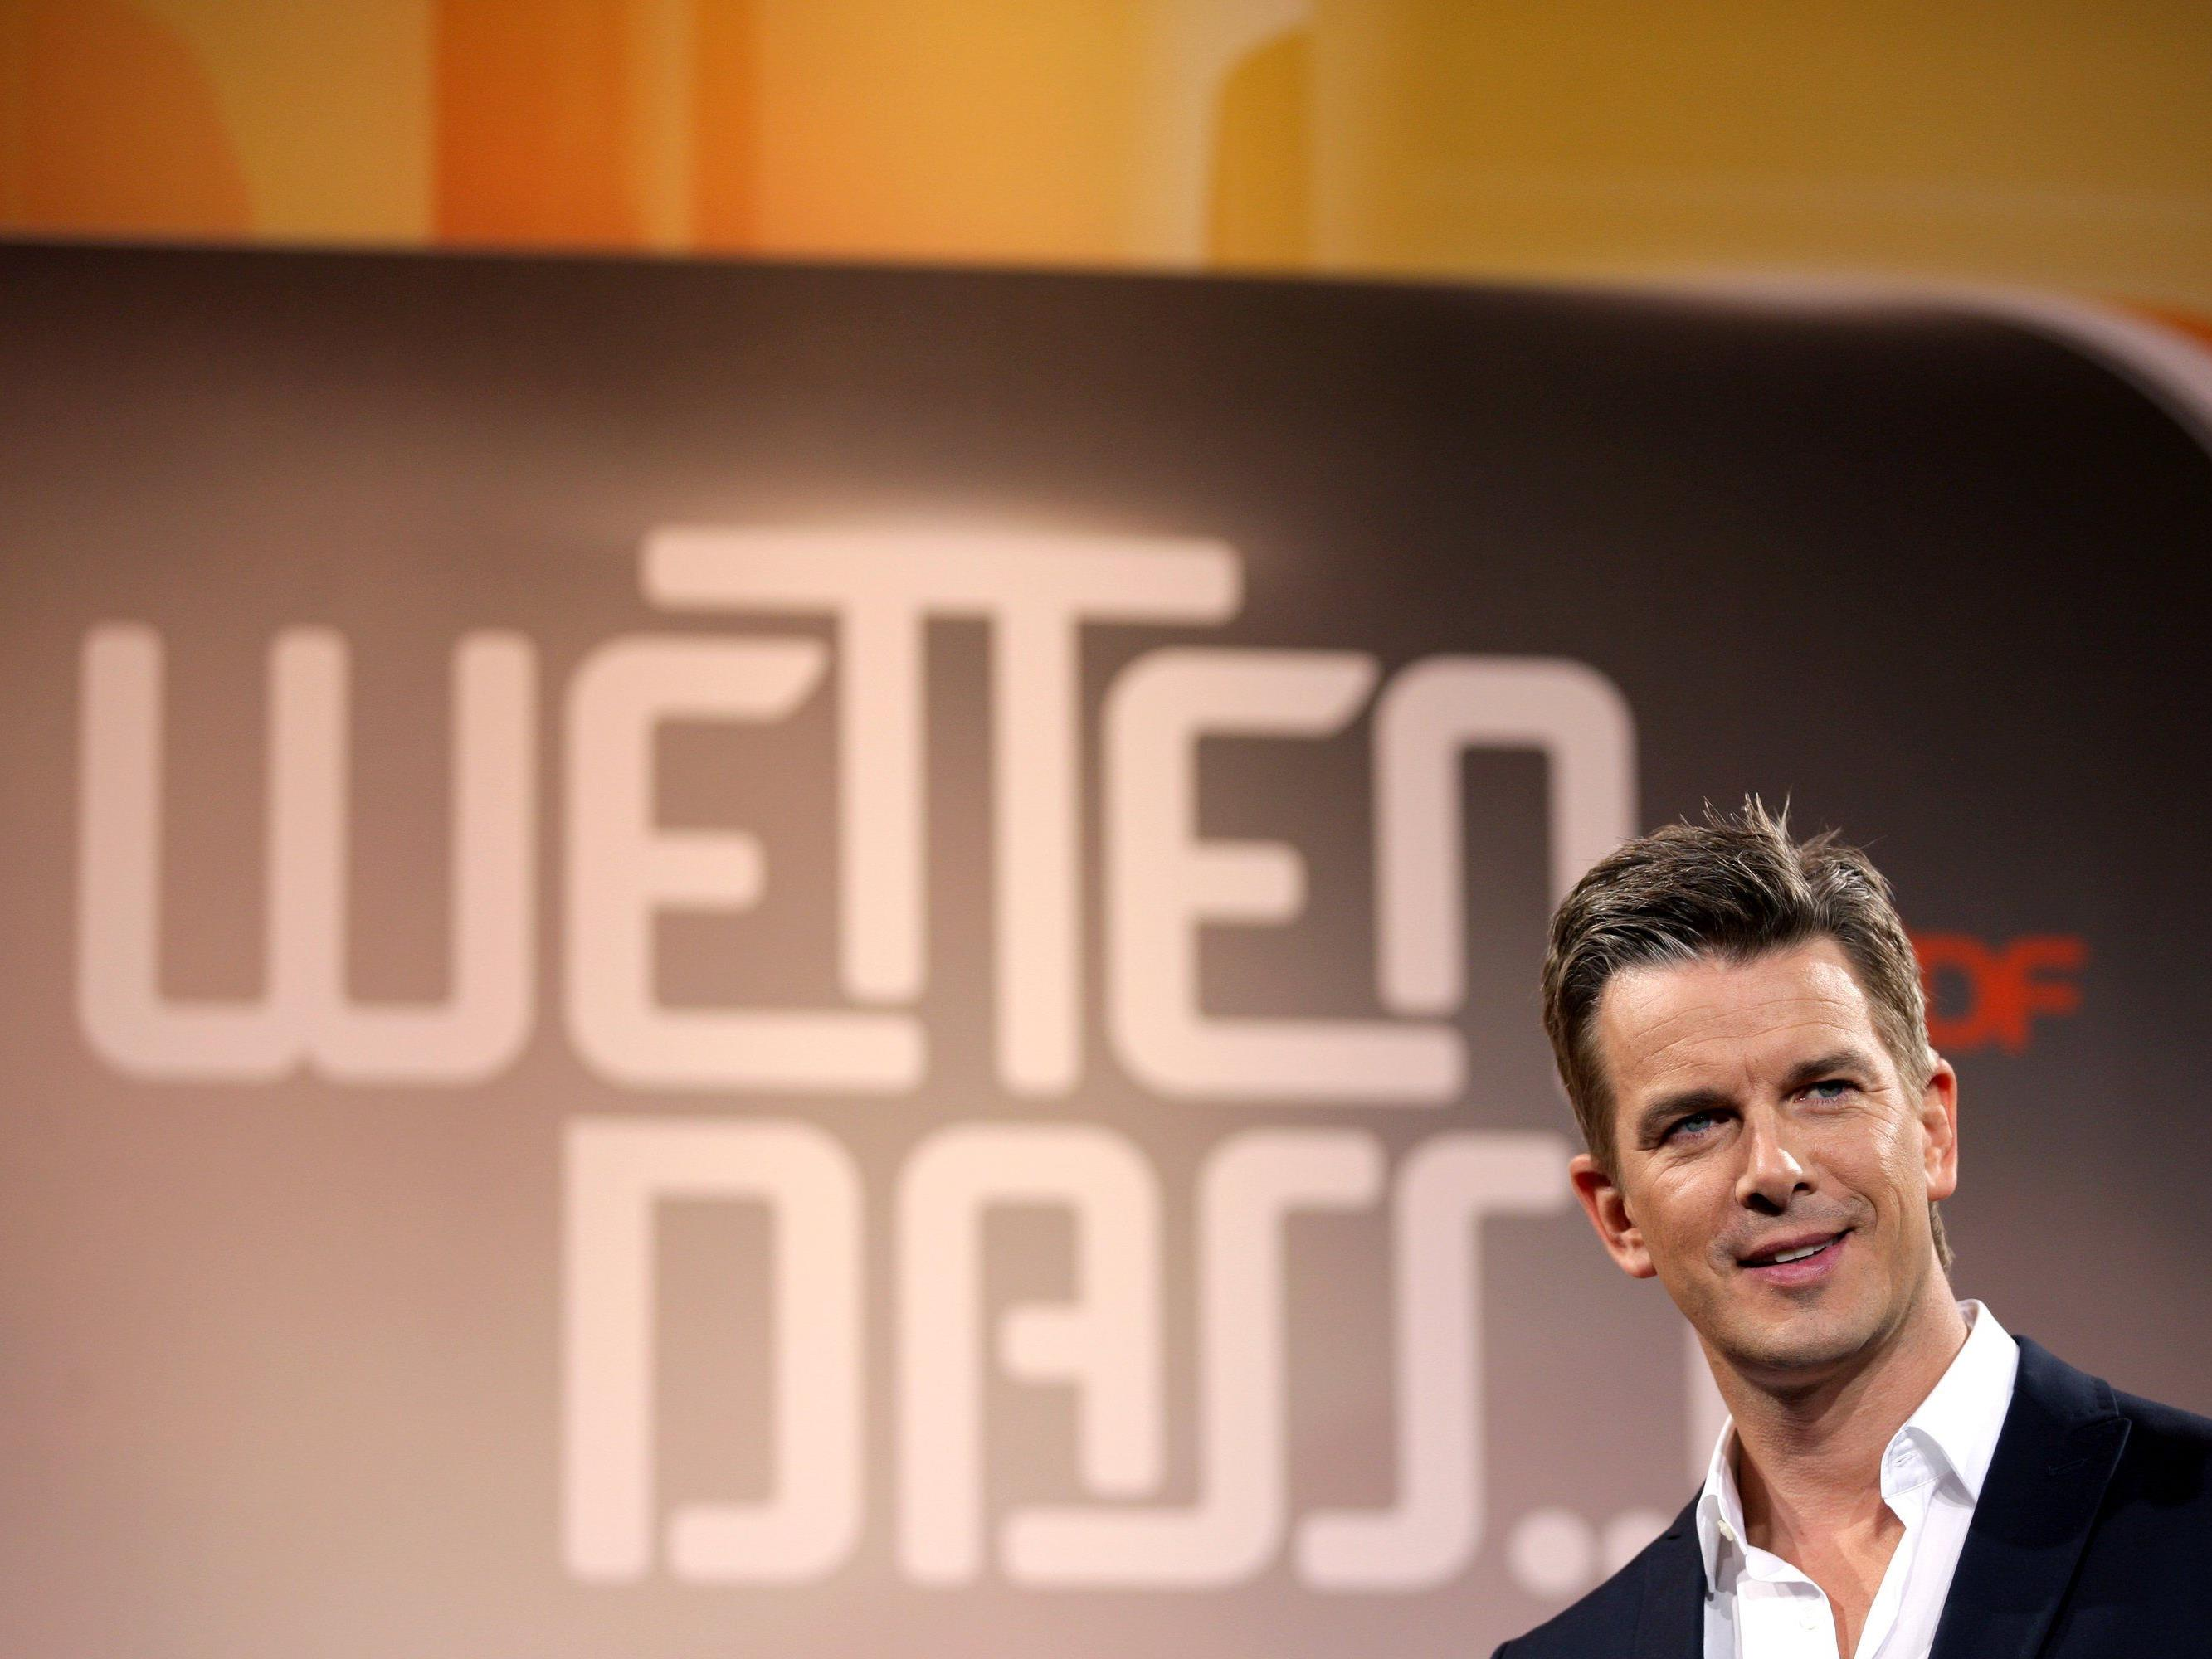 Letzte Ausgabe des TV-Klassikers kommt am Samstag aus Nürnberg.